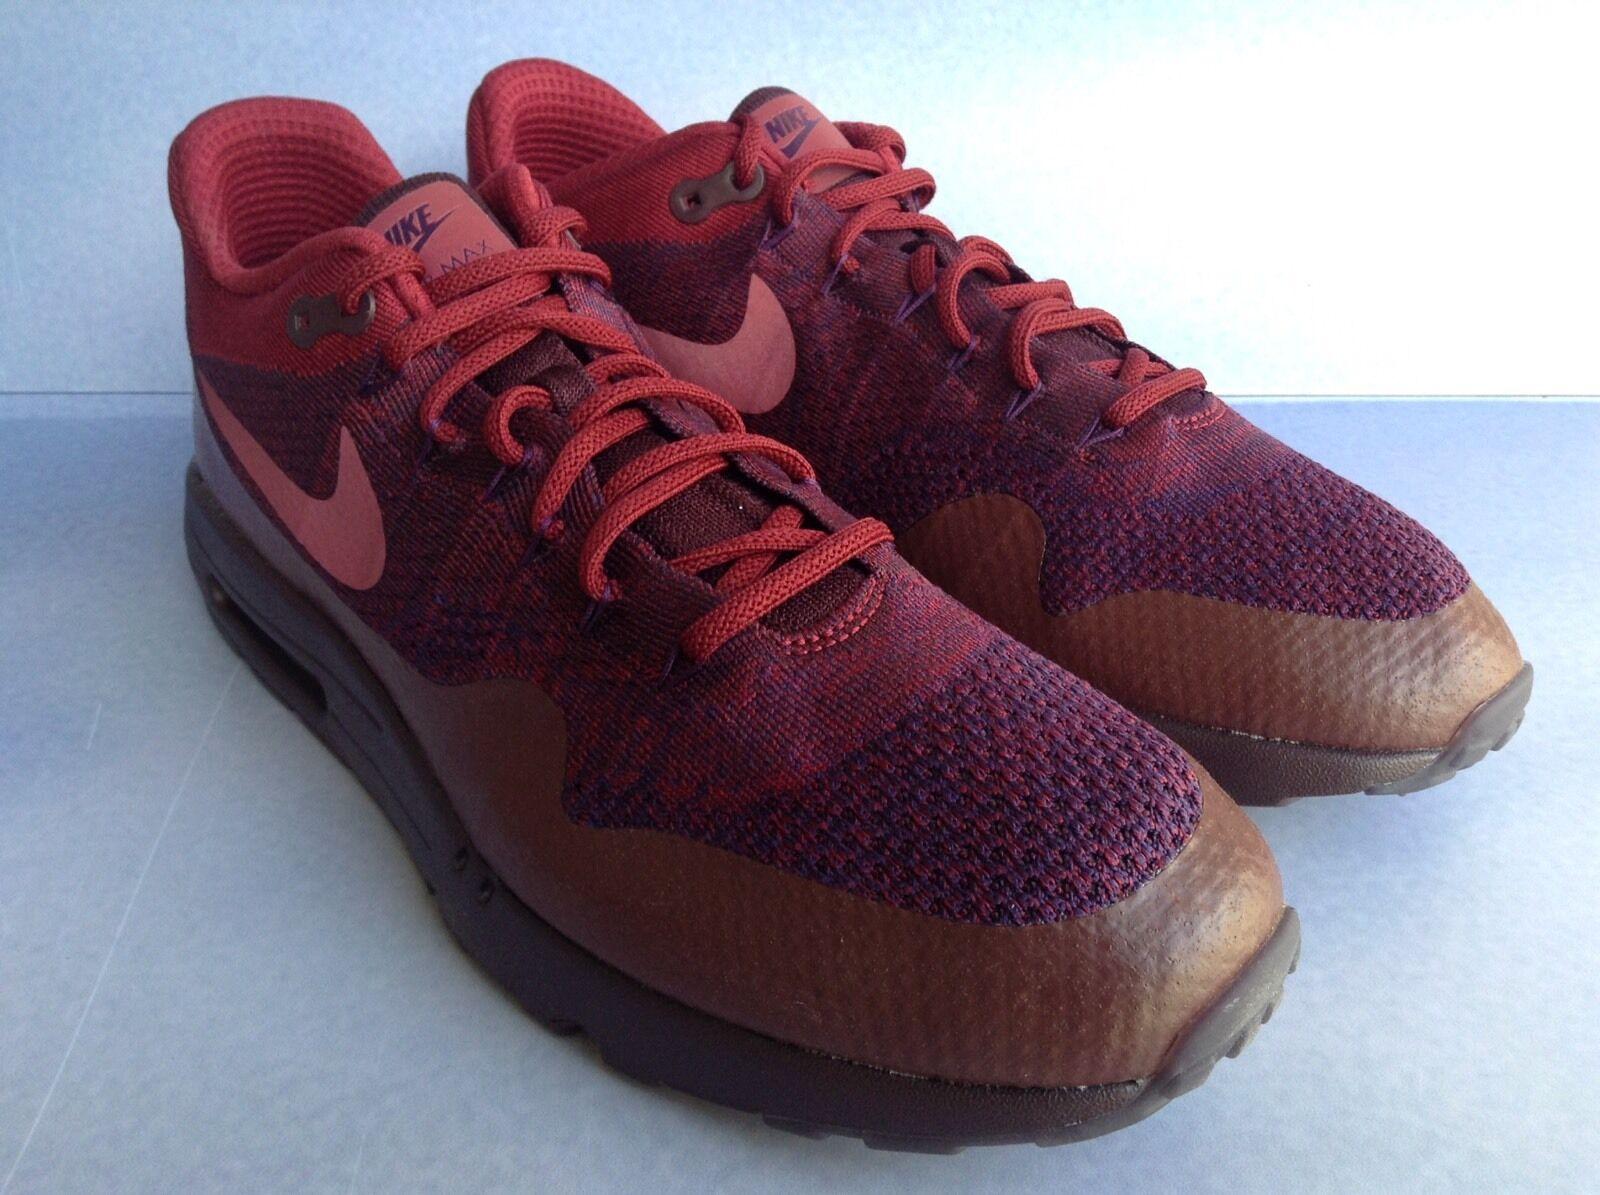 Nike air max 1 ultra sz.15 flyknit (856958 566) uomini sz.15 ultra (grand viola squadra rossa) 5262a6